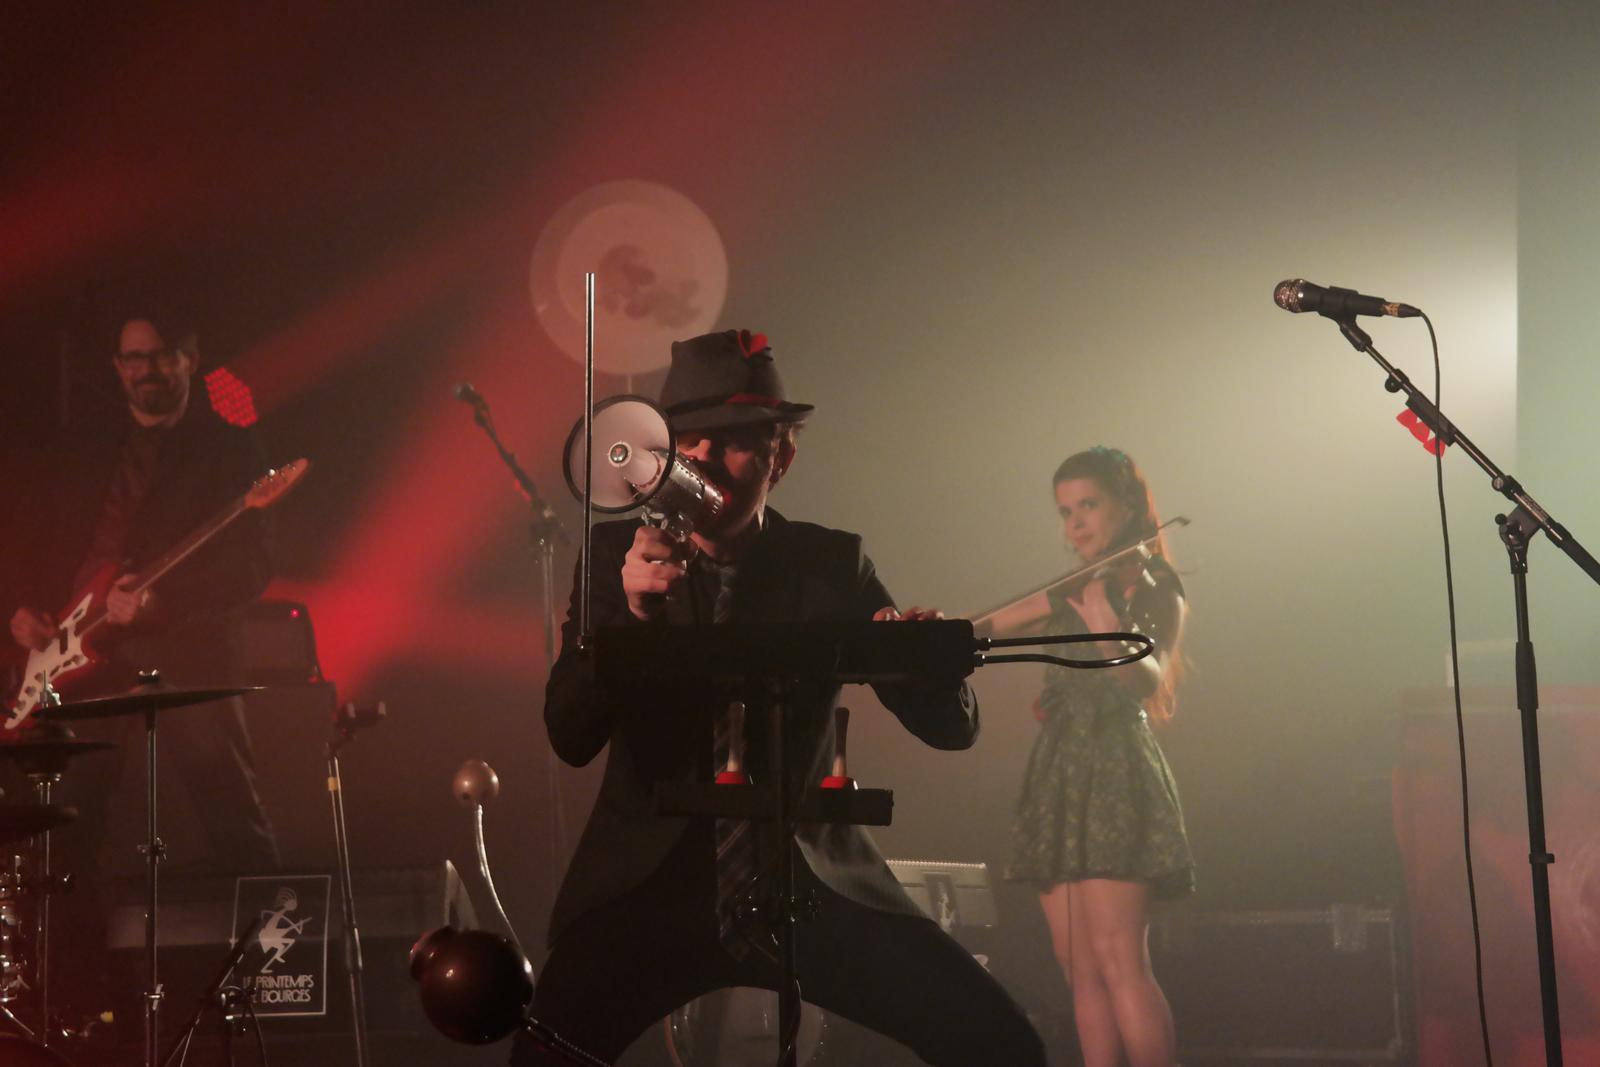 Mathias Malzieu et Babet du groupe Dionysos live concert Printemps de Bourges 2016 festival musique tournée vampire en pyjama photo scène usofparis blog